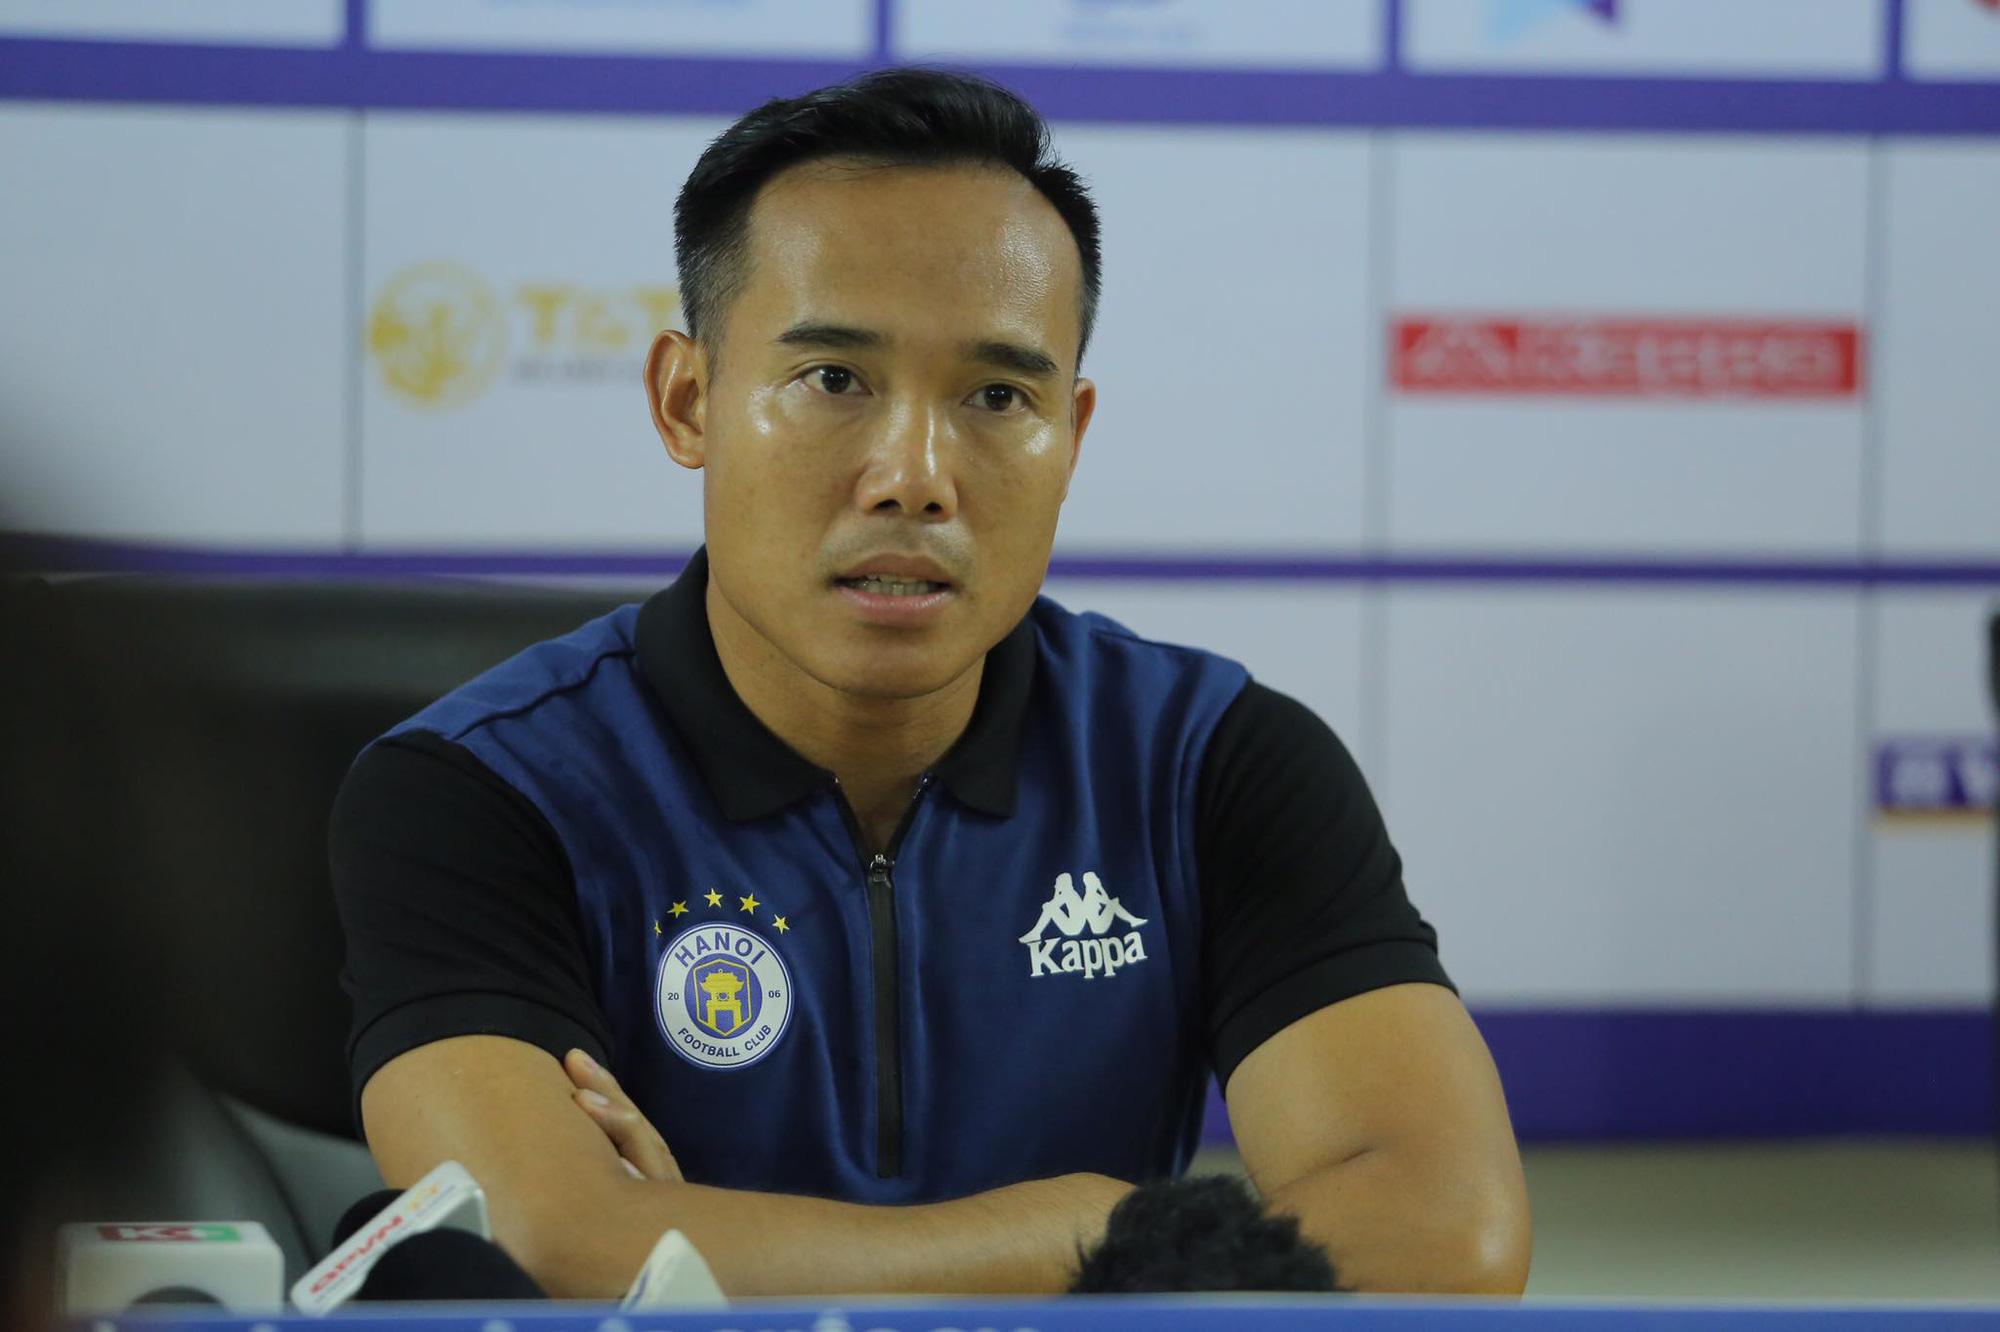 """Thắng Đồng Tháp như lấy đồ trong túi, """"Phó tướng"""" Hà Nội FC nói lý do Văn Quyết ngồi ngoài - Ảnh 1."""